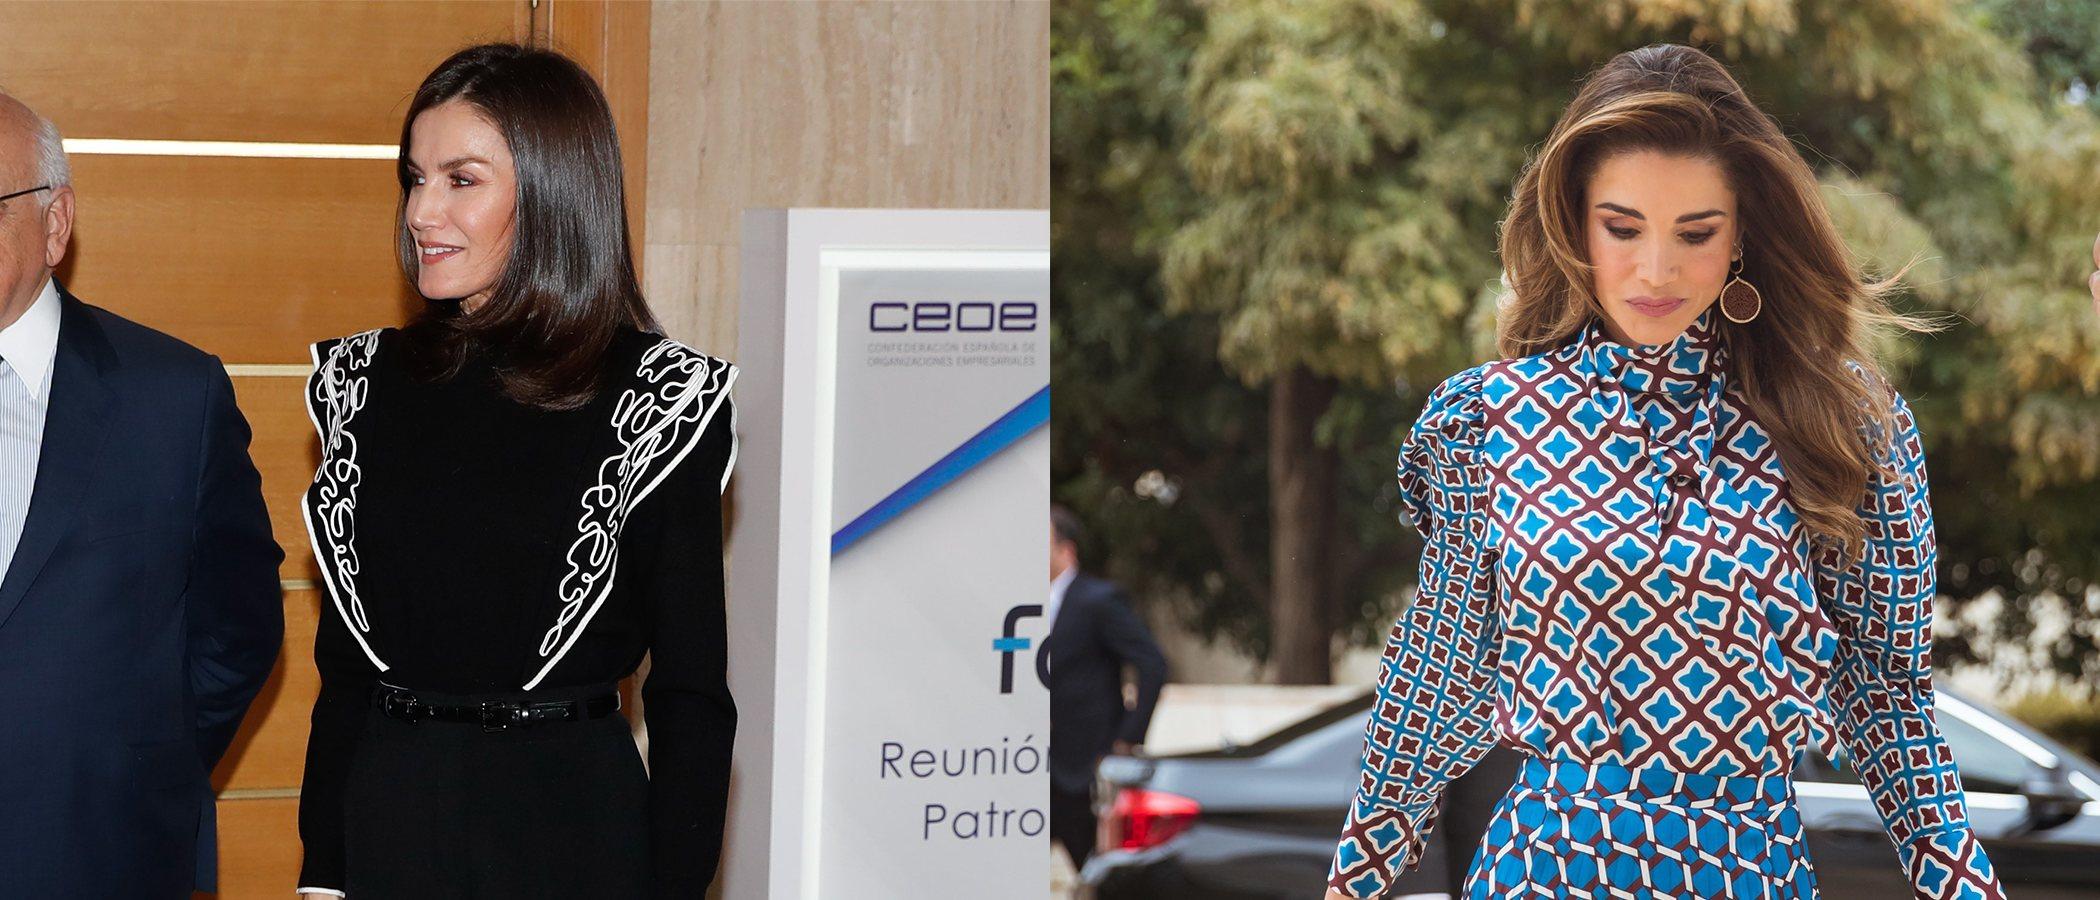 La Reina Letizia y Rania de Jordania deslumbran y se coronan con los mejores looks de la semana